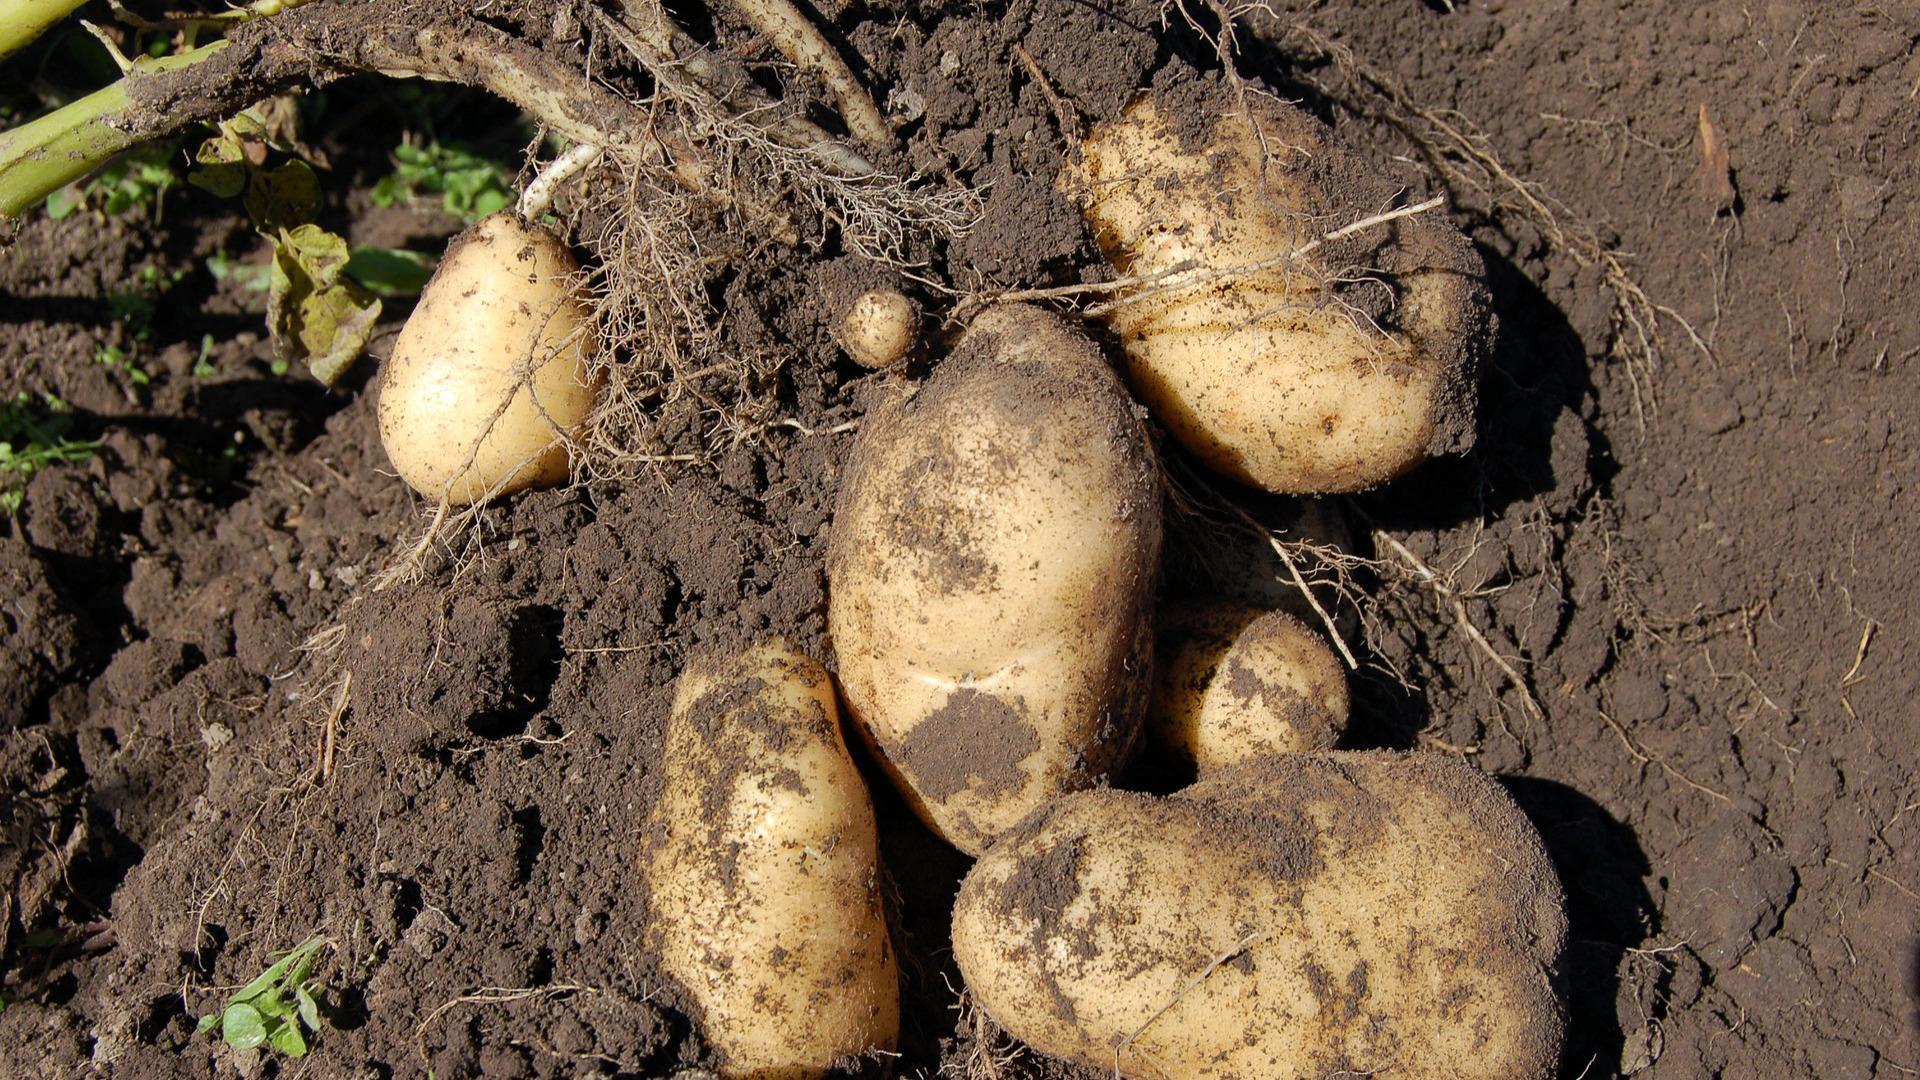 hasta-el-1-octubre-para-solicitar-indemnizaciones-por-la-polilla-de-la-patata-1920